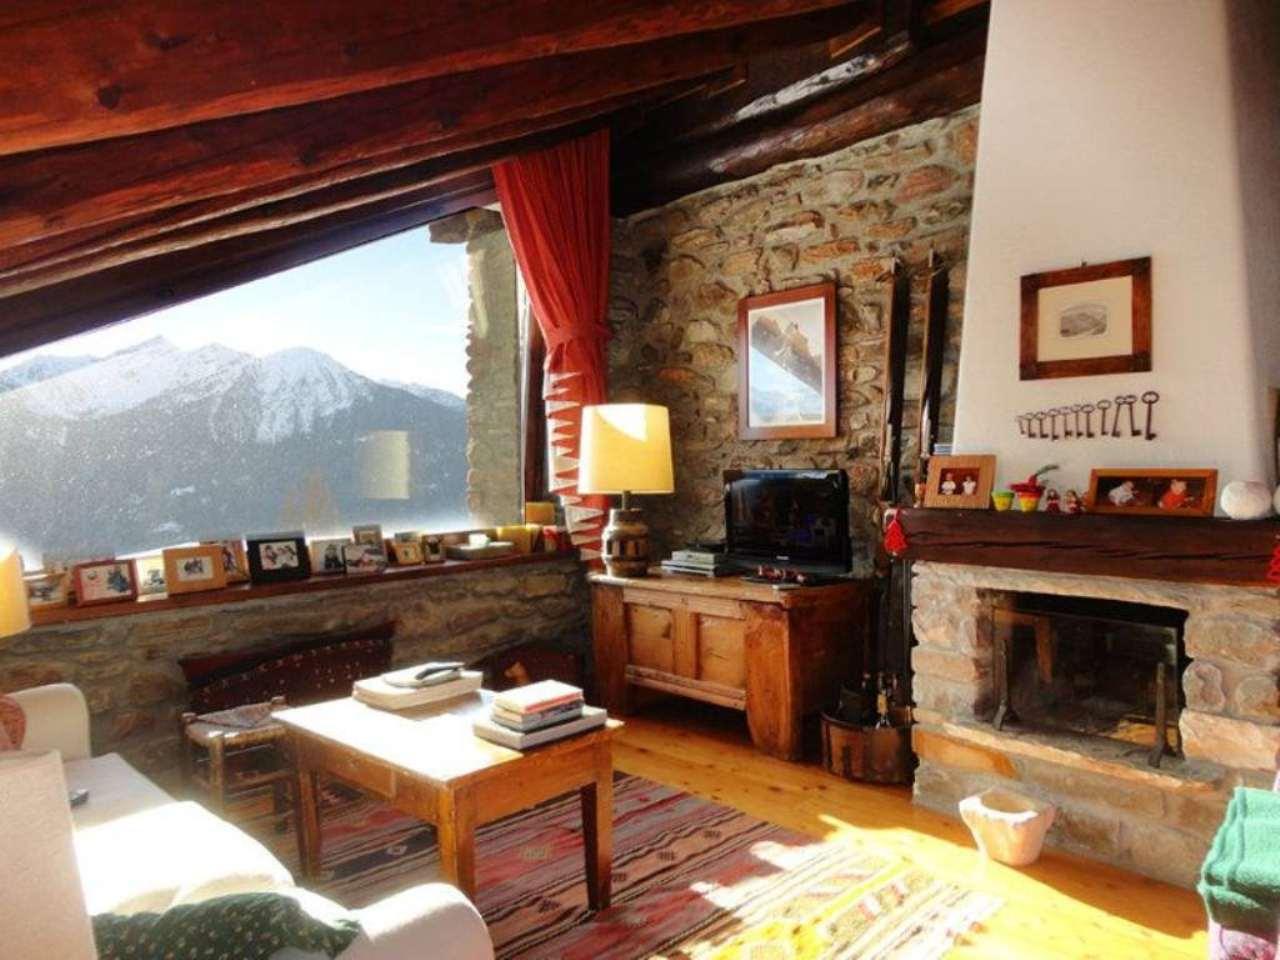 Rustico in vendita a la salle 5 locali 134 mq for Piani casa fienile rustico